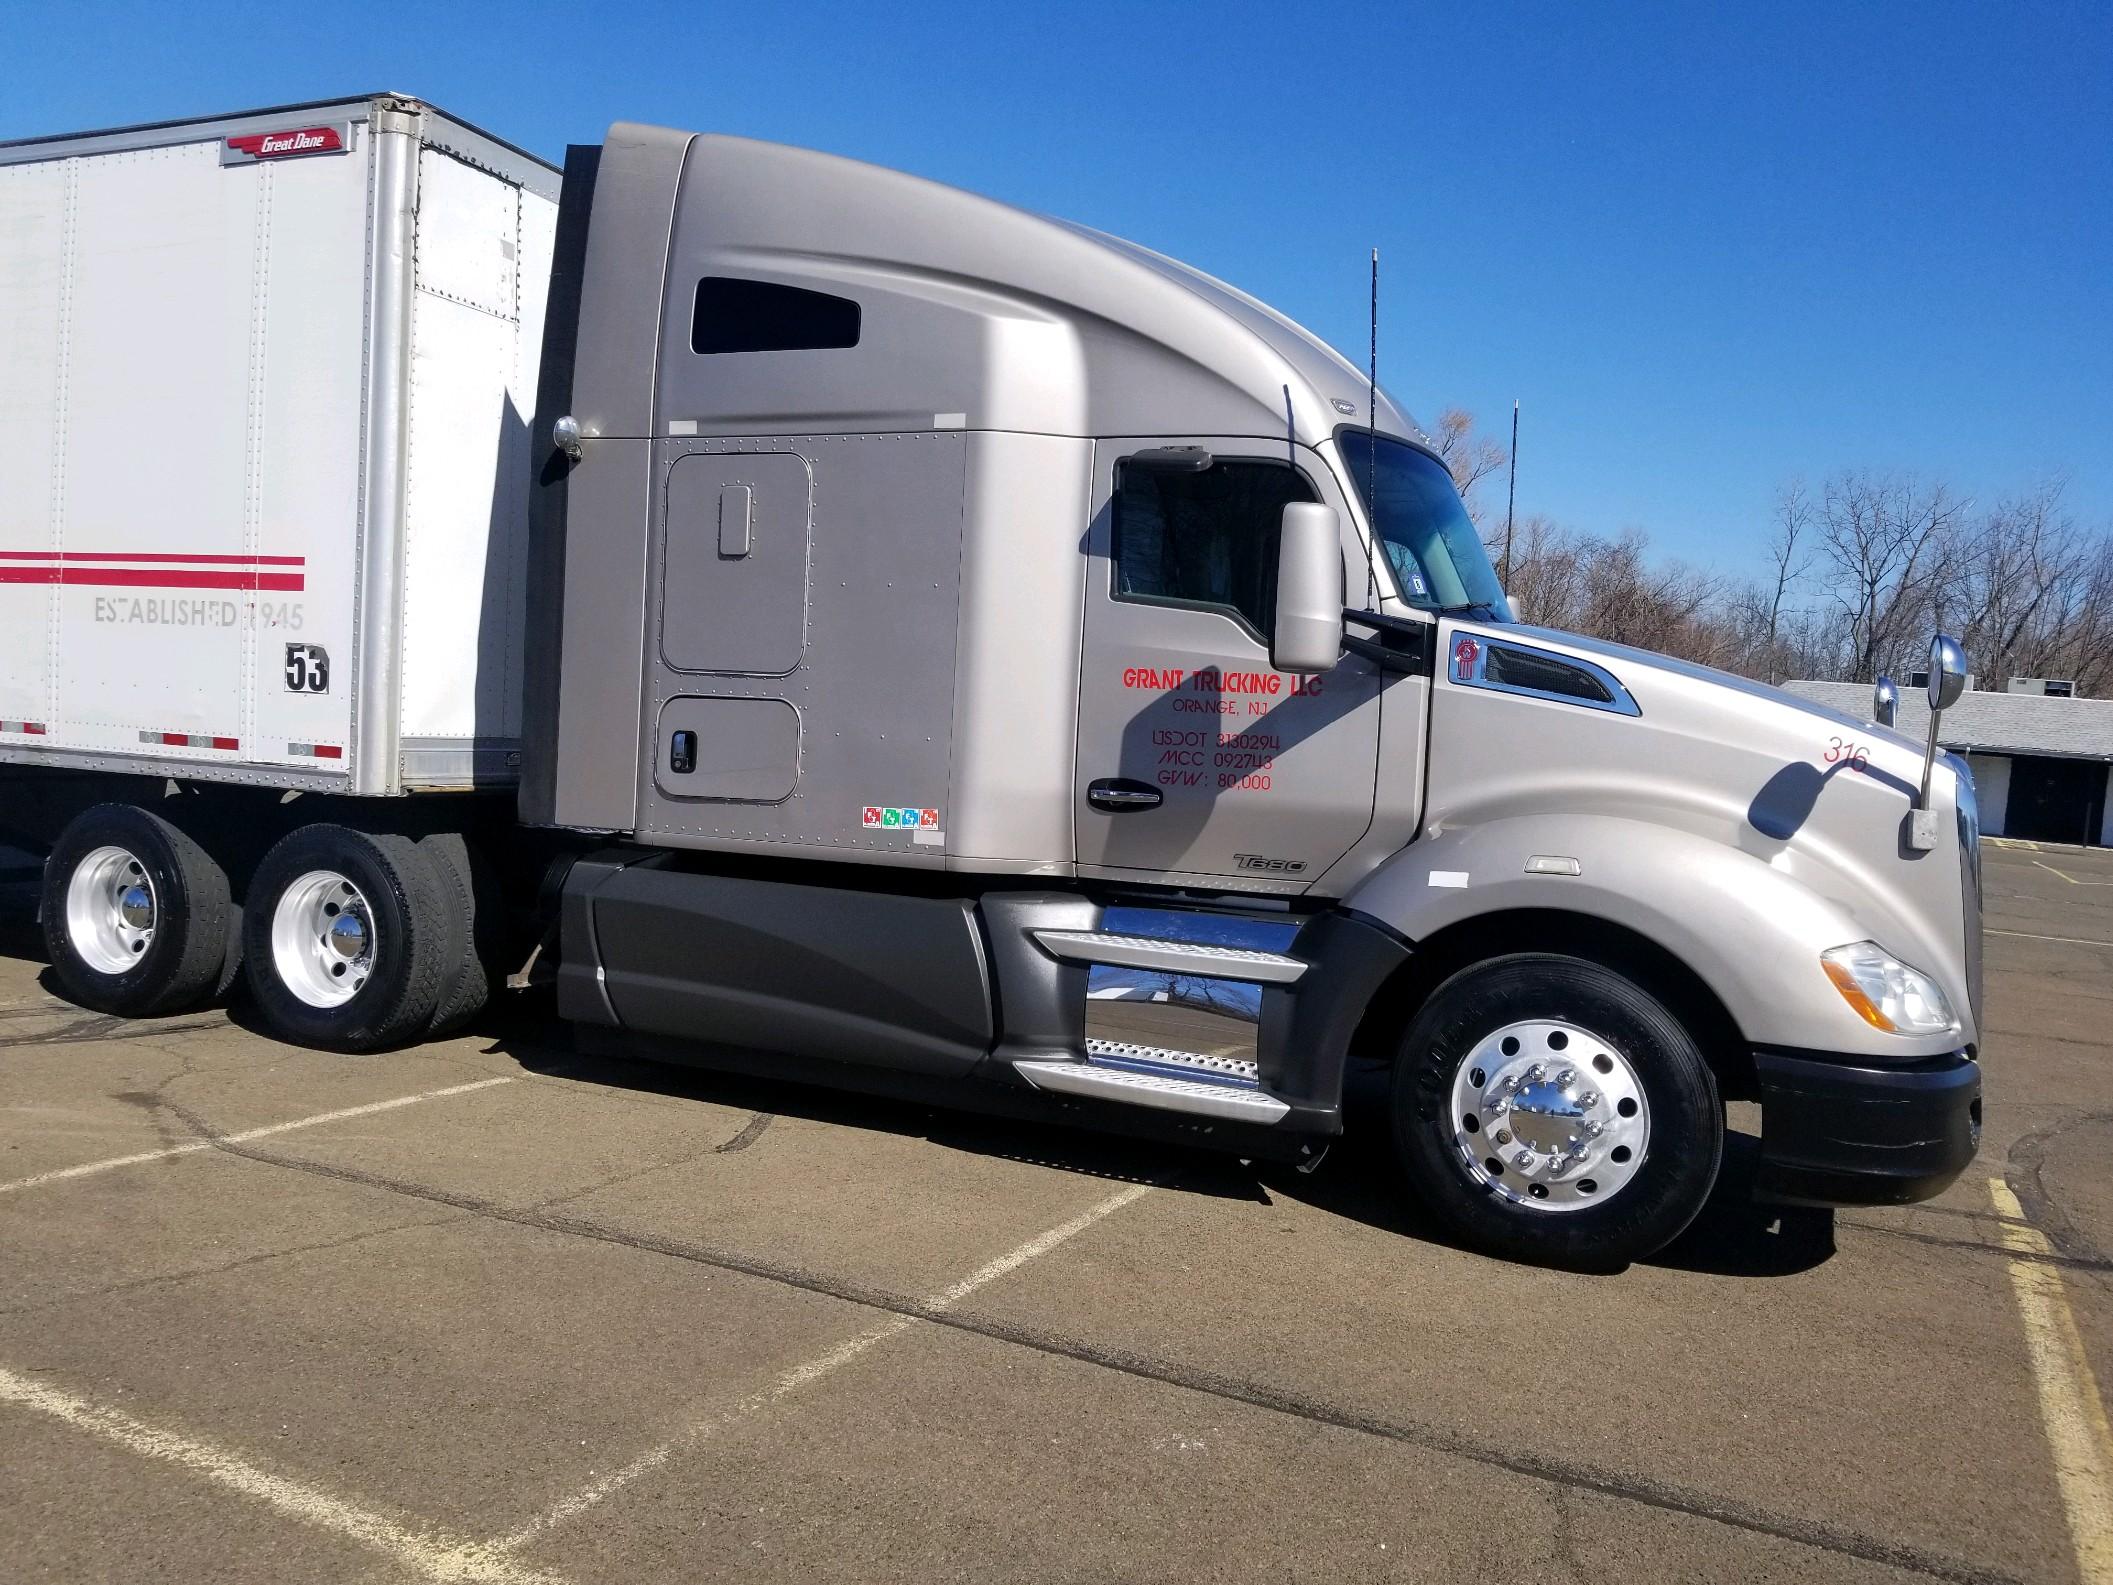 grant truck wash